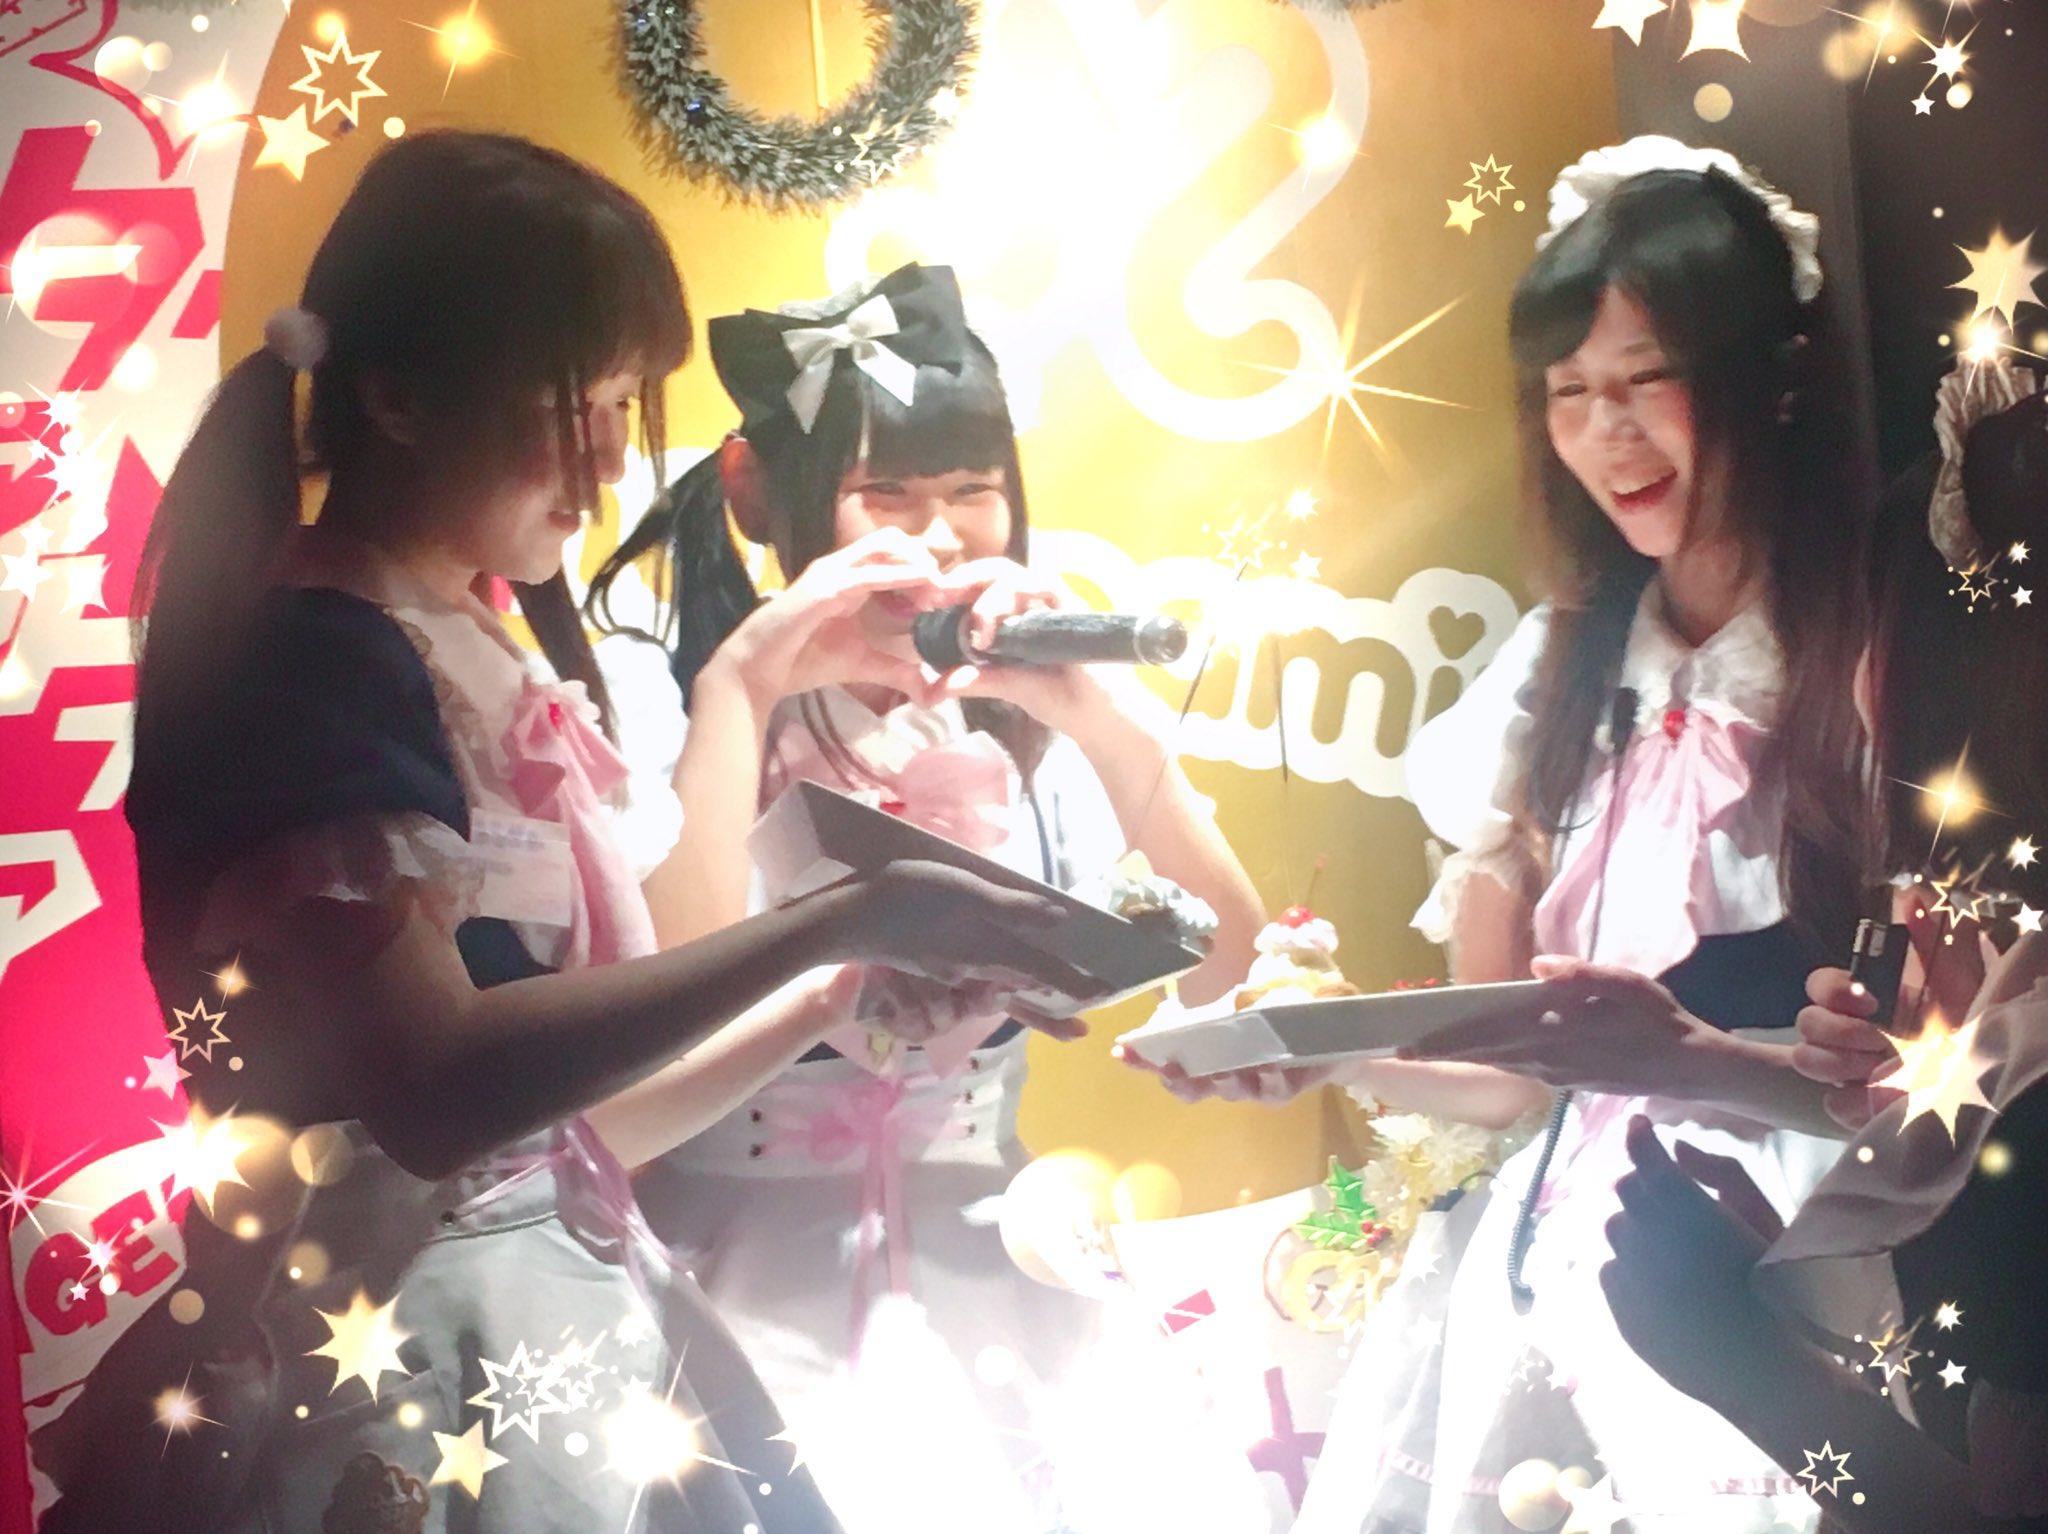 あなたの笑顔が秋葉原に咲く。メイドバイトデビューならめいどりーみん外神田一丁目店!